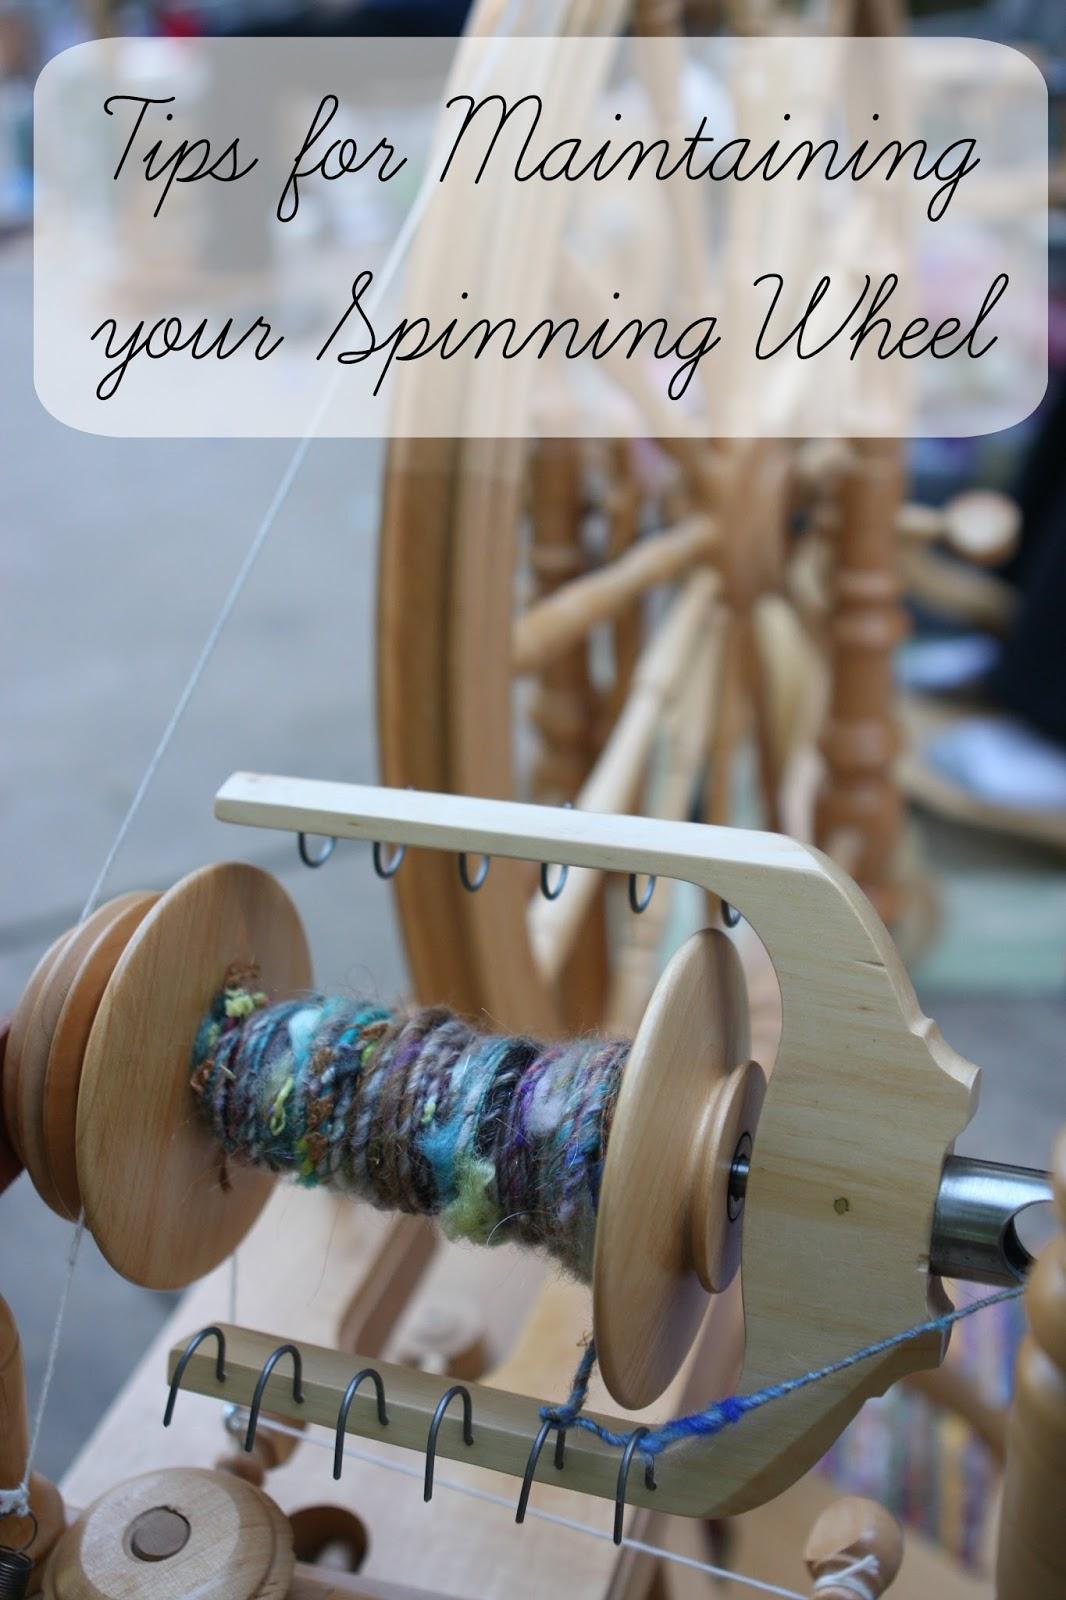 http://www.craftsy.com/blog/2014/06/spinning-wheel-maintenance/